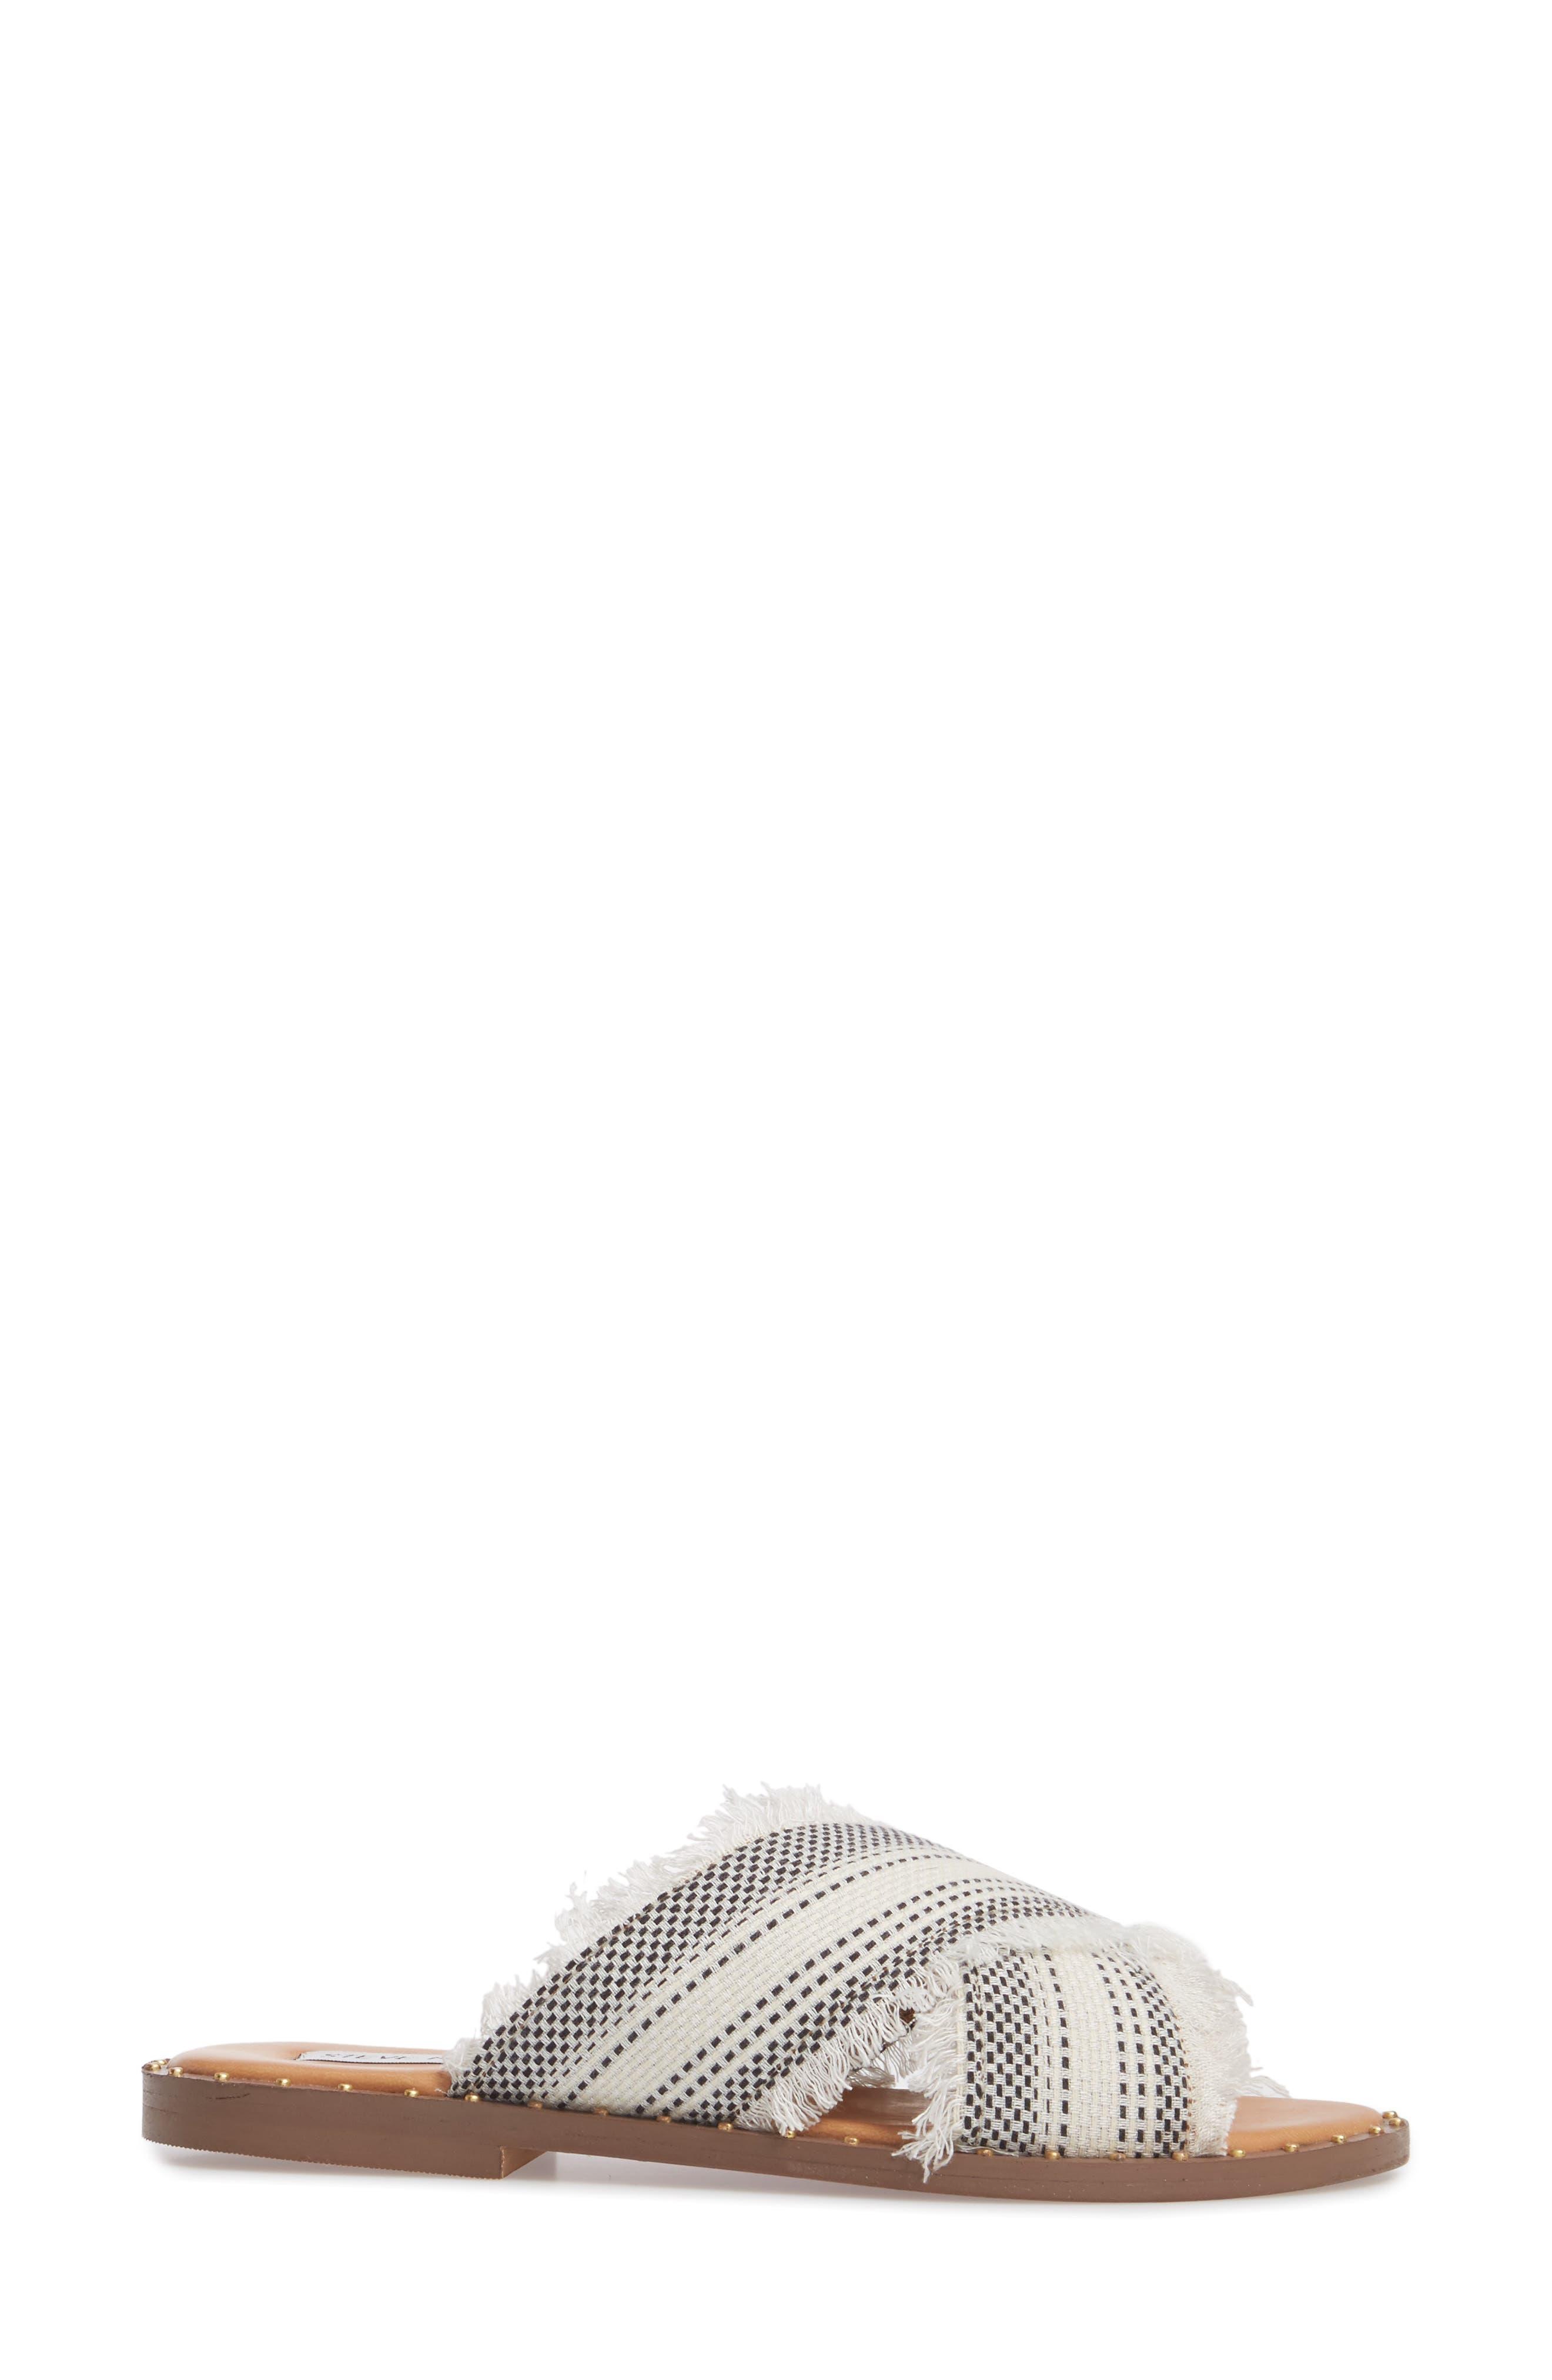 Riva Slide Sandal,                             Alternate thumbnail 3, color,                             White Multi